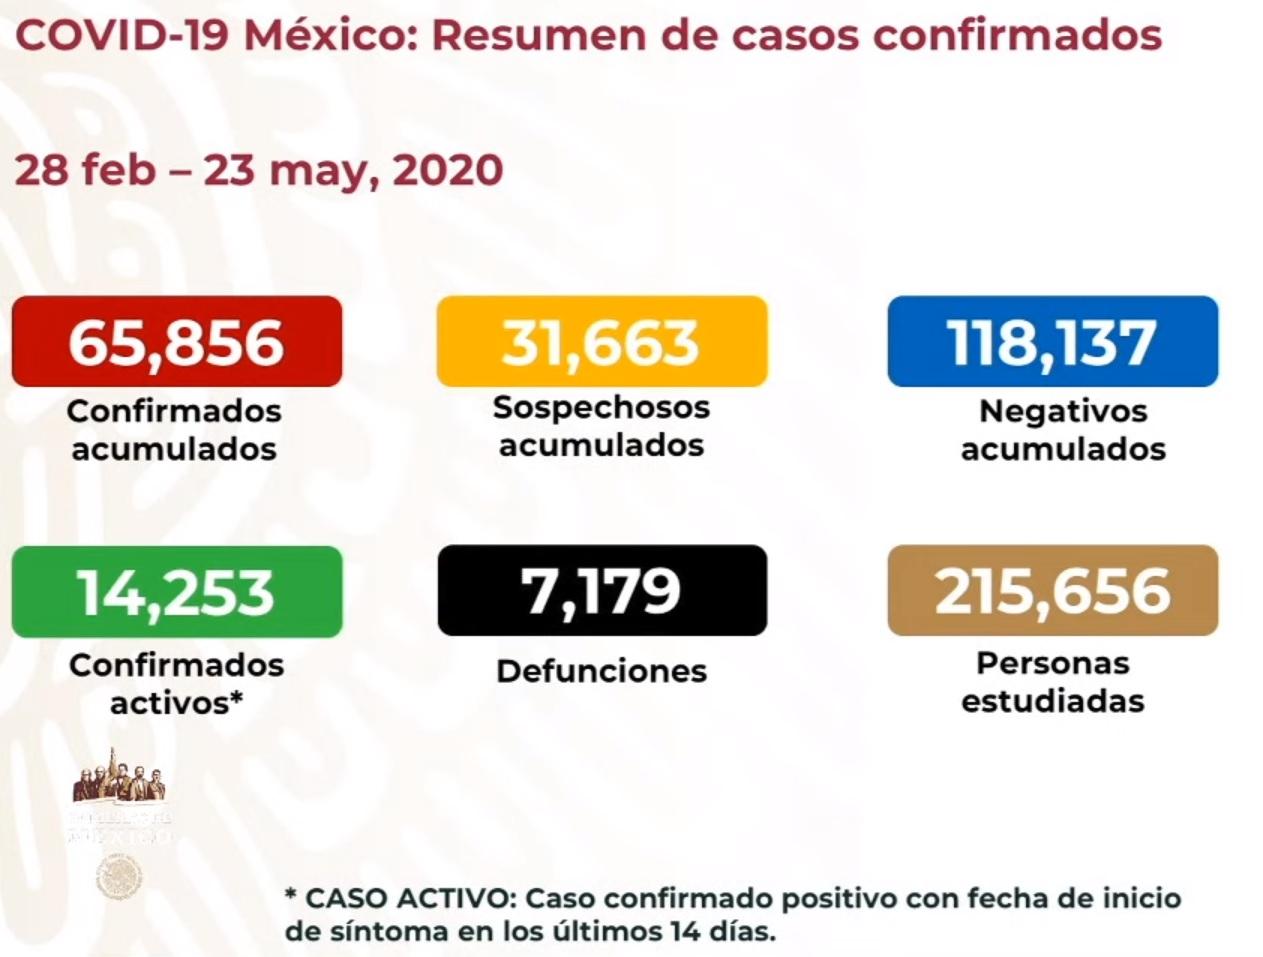 La curva sigue creciendo: 3,329 casos más de COVID19 de ayer a hoy.